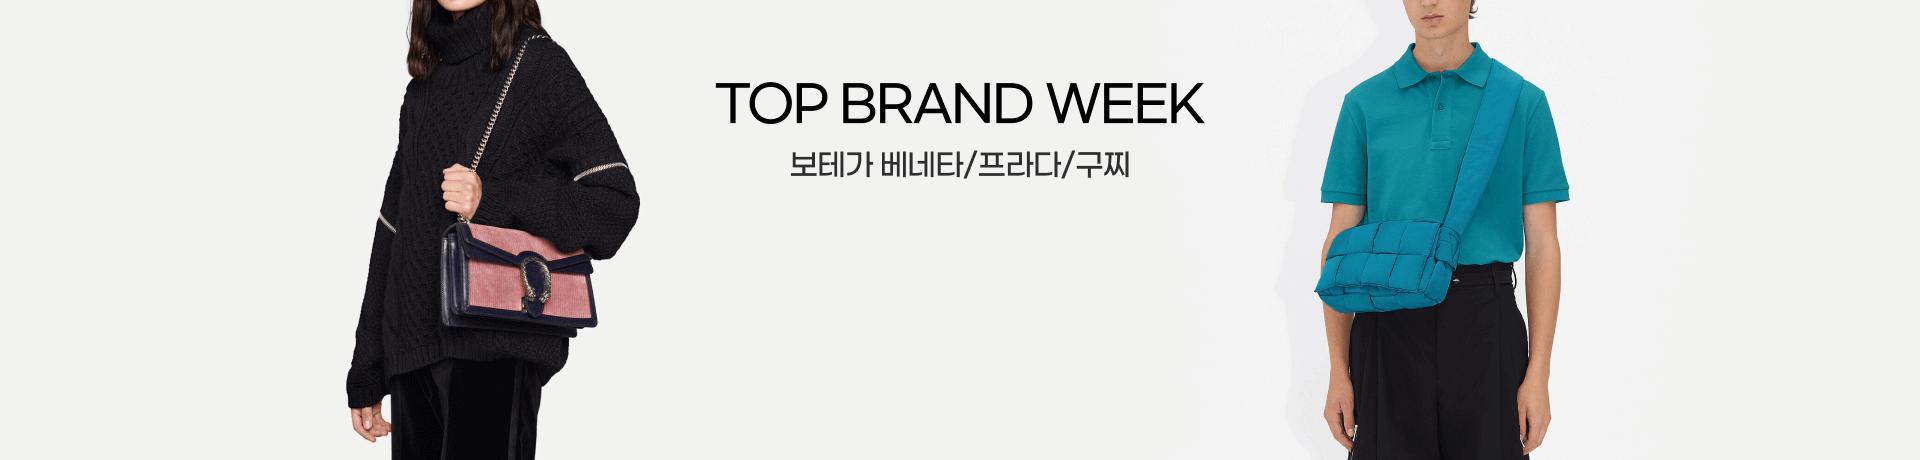 211012_sy_top-brand-week_pc_f2f2f2